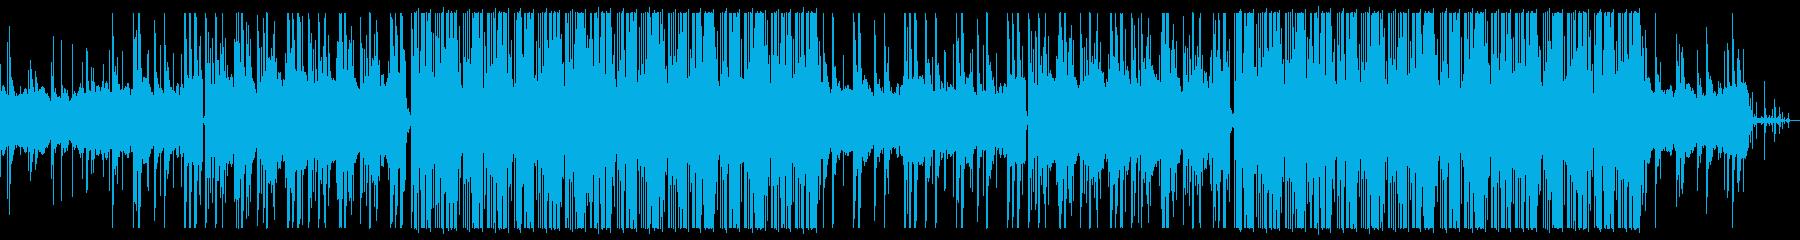 企業VP いやし・チル 191の再生済みの波形